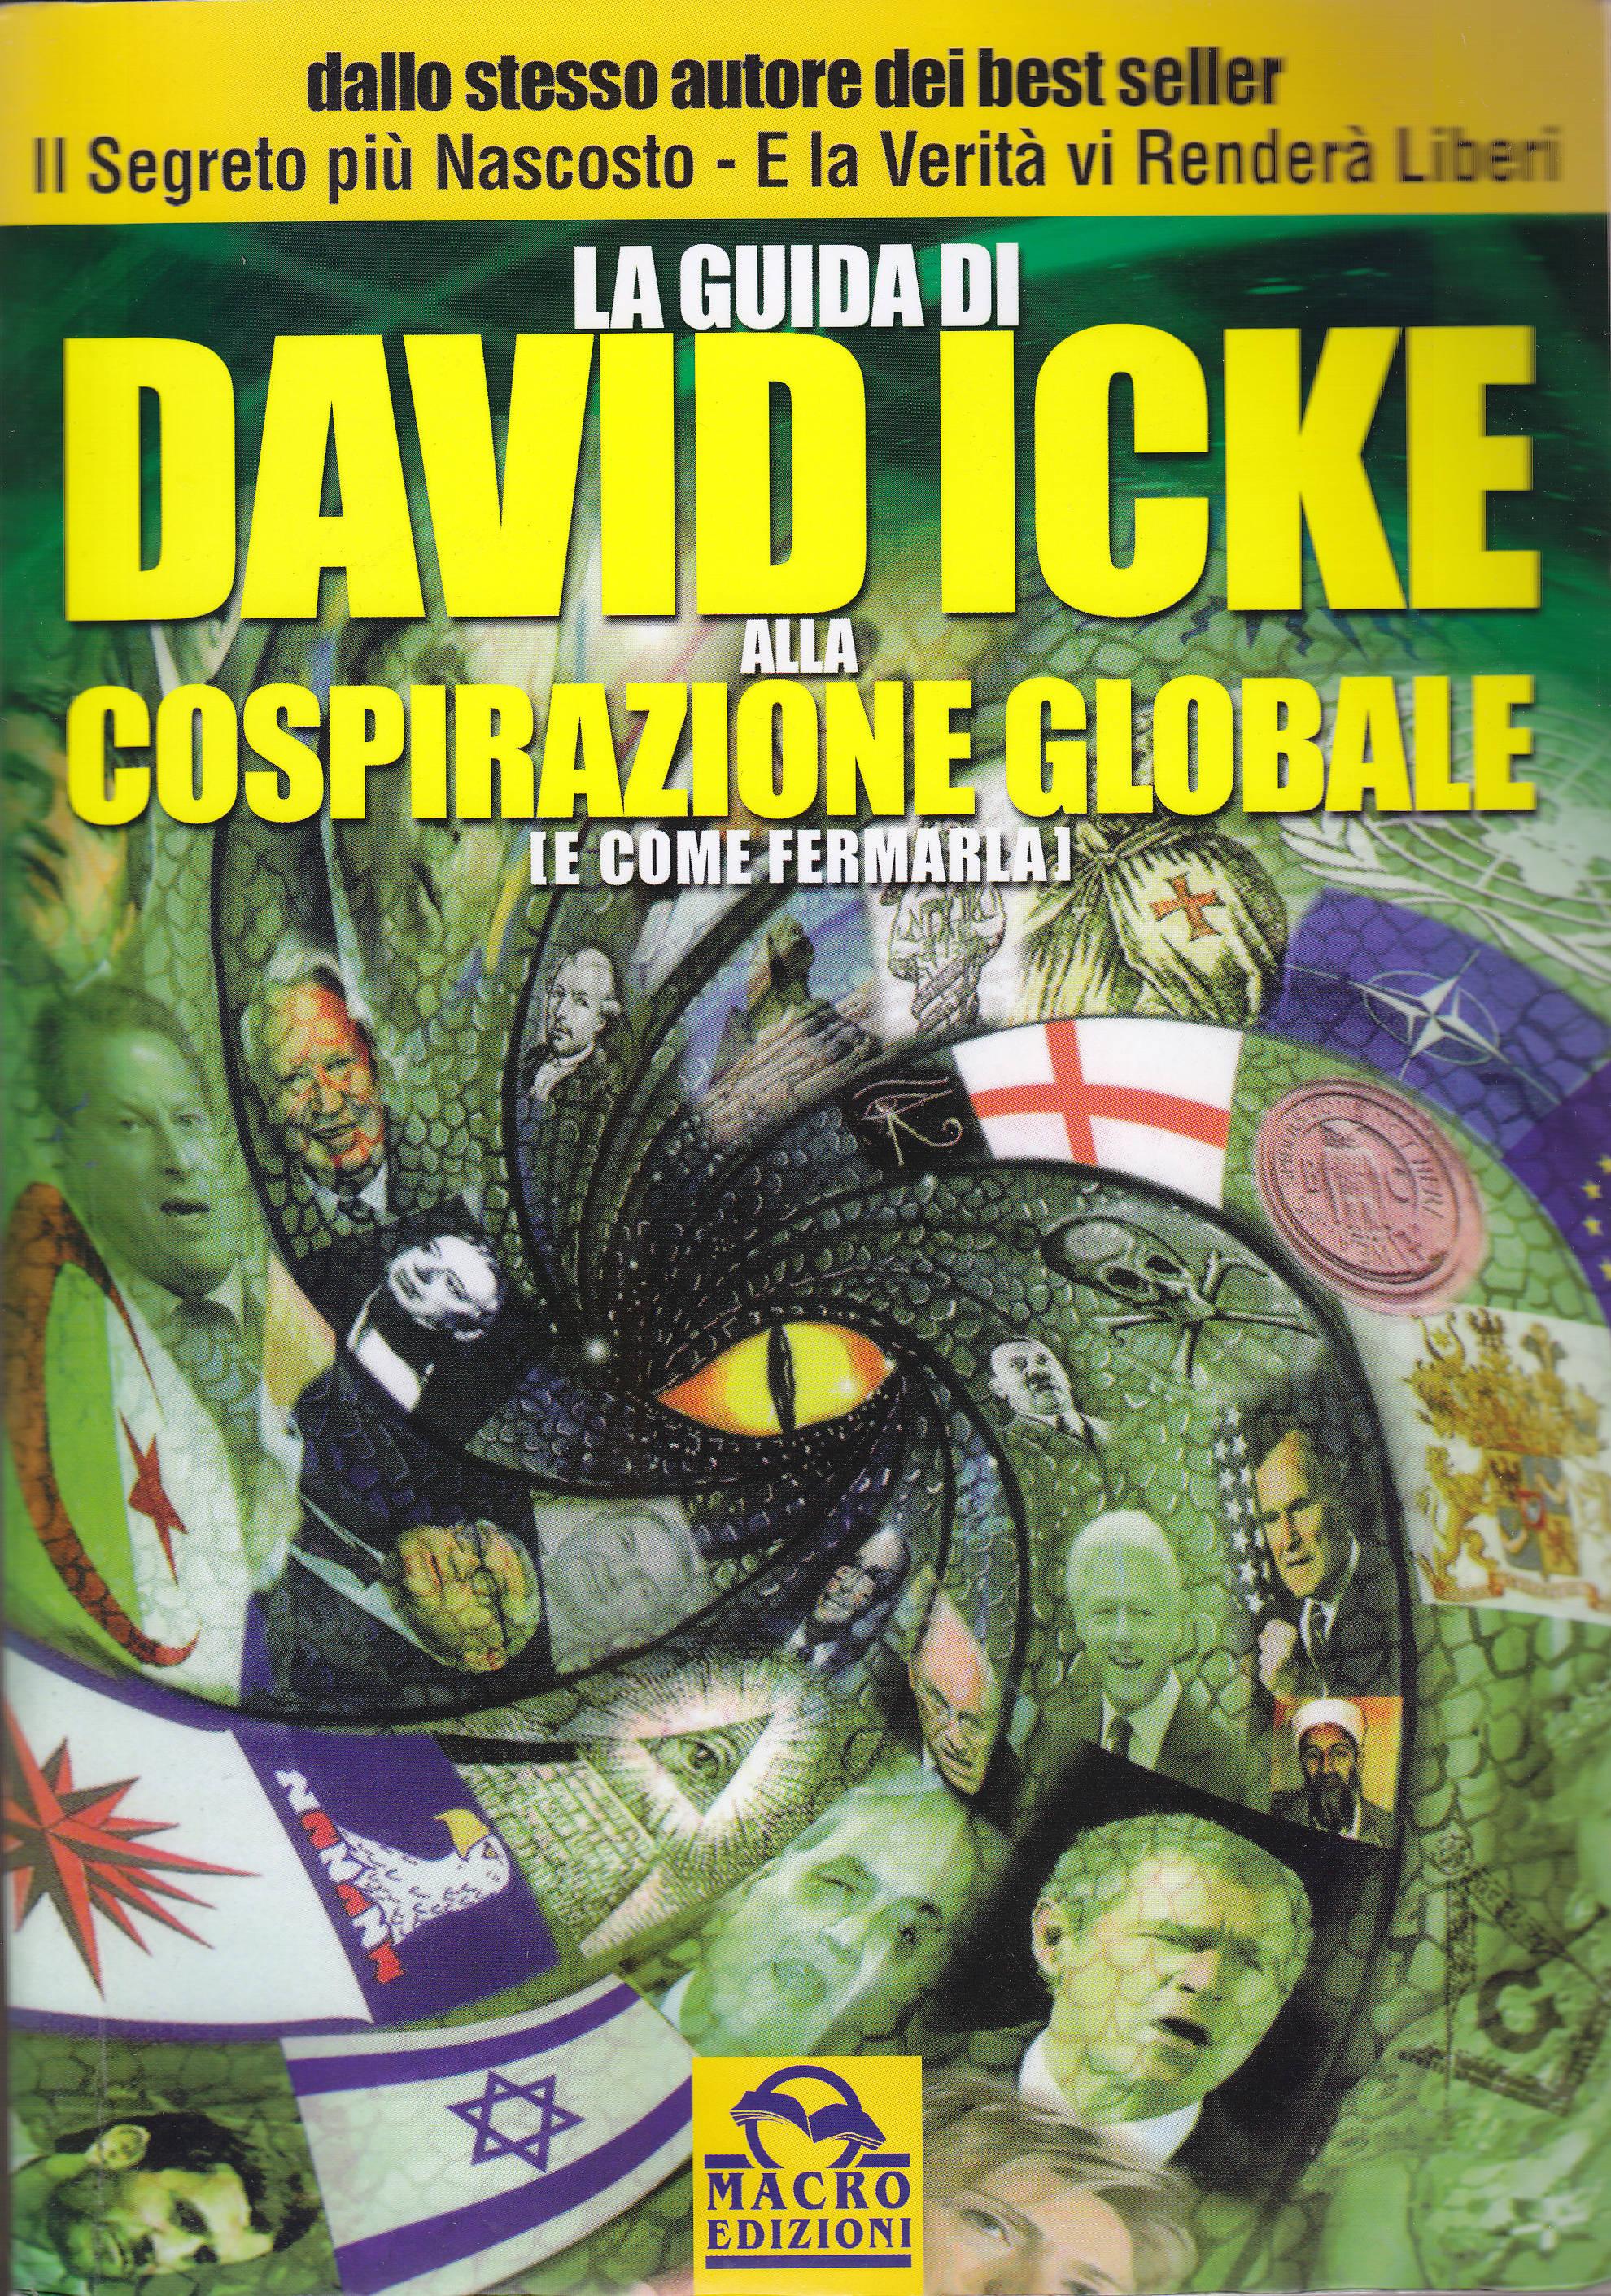 La guida di David Icke alla cospirazione globale (e come fermarla)